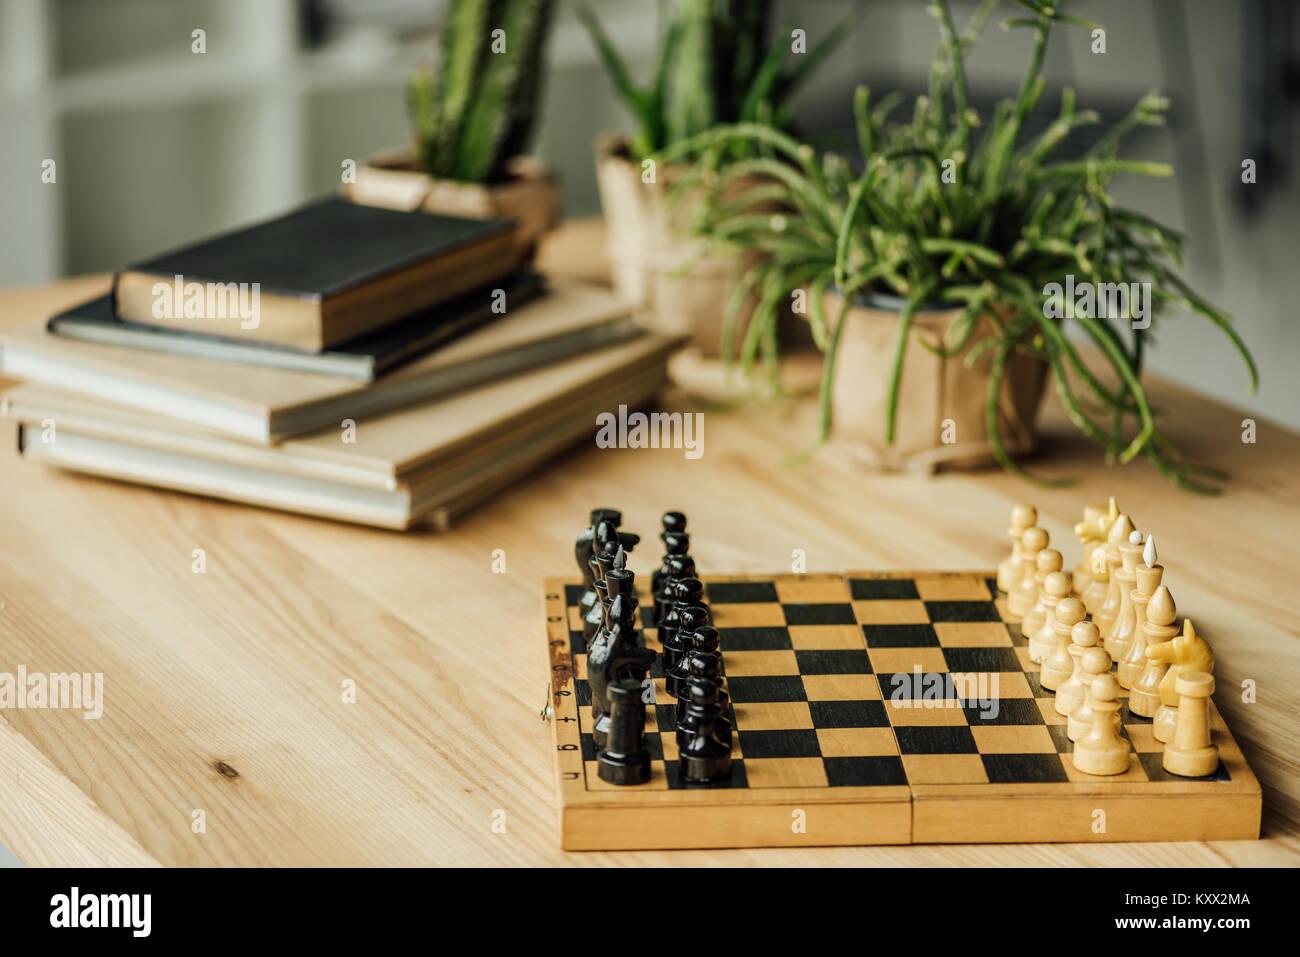 Conseil d'échecs défini pour un nouveau jeu sur la table avec des livres et des plantes en pots Banque D'Images